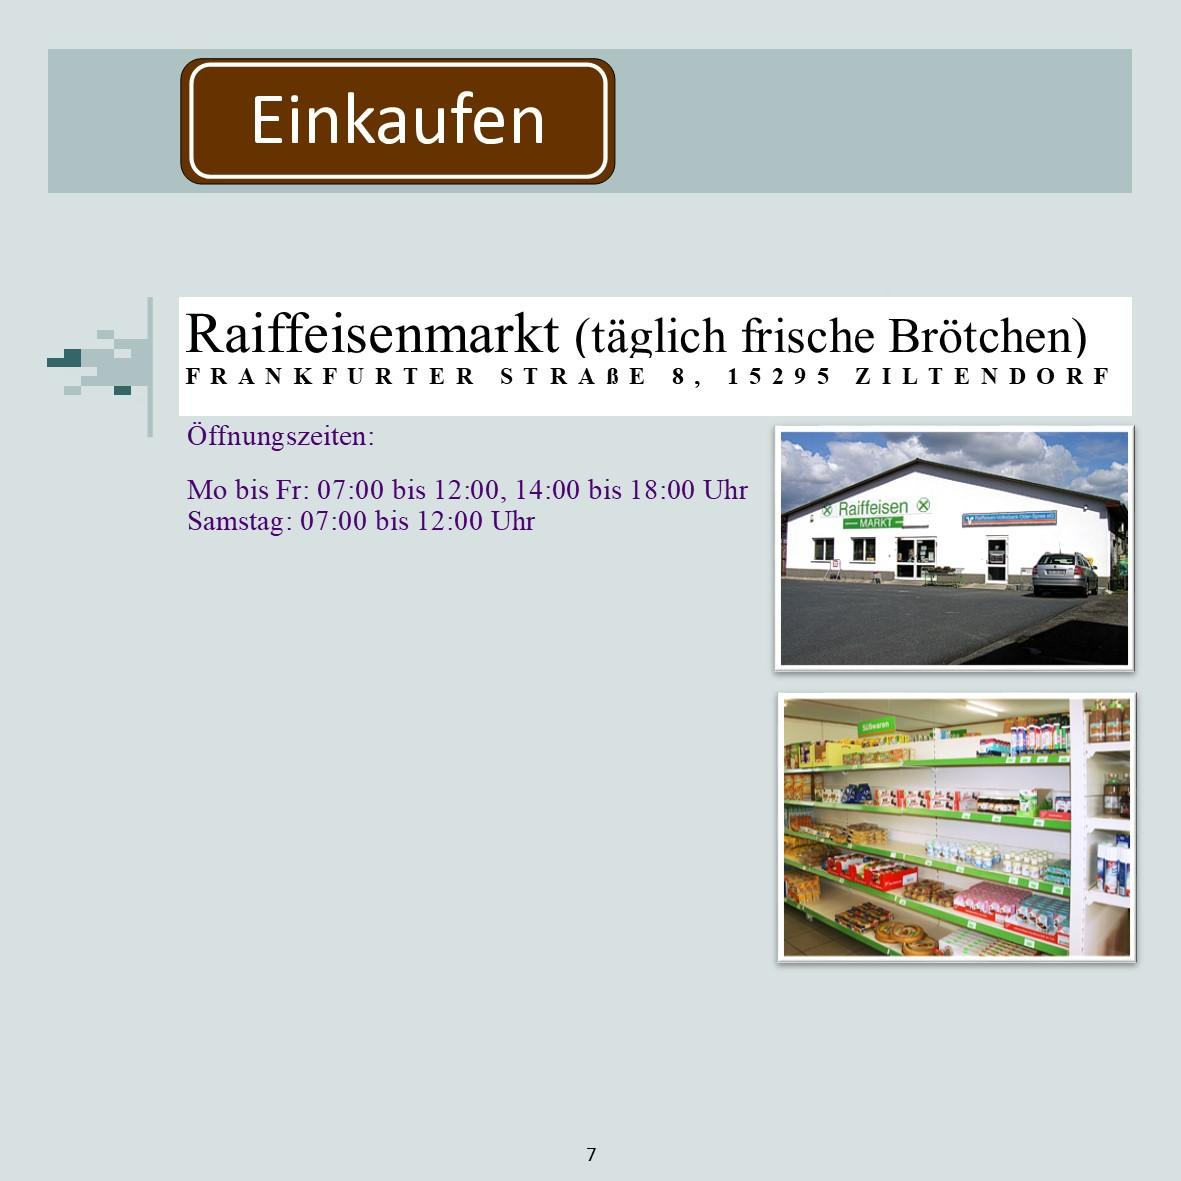 Ziltendorf_Freizeitgestaltung7